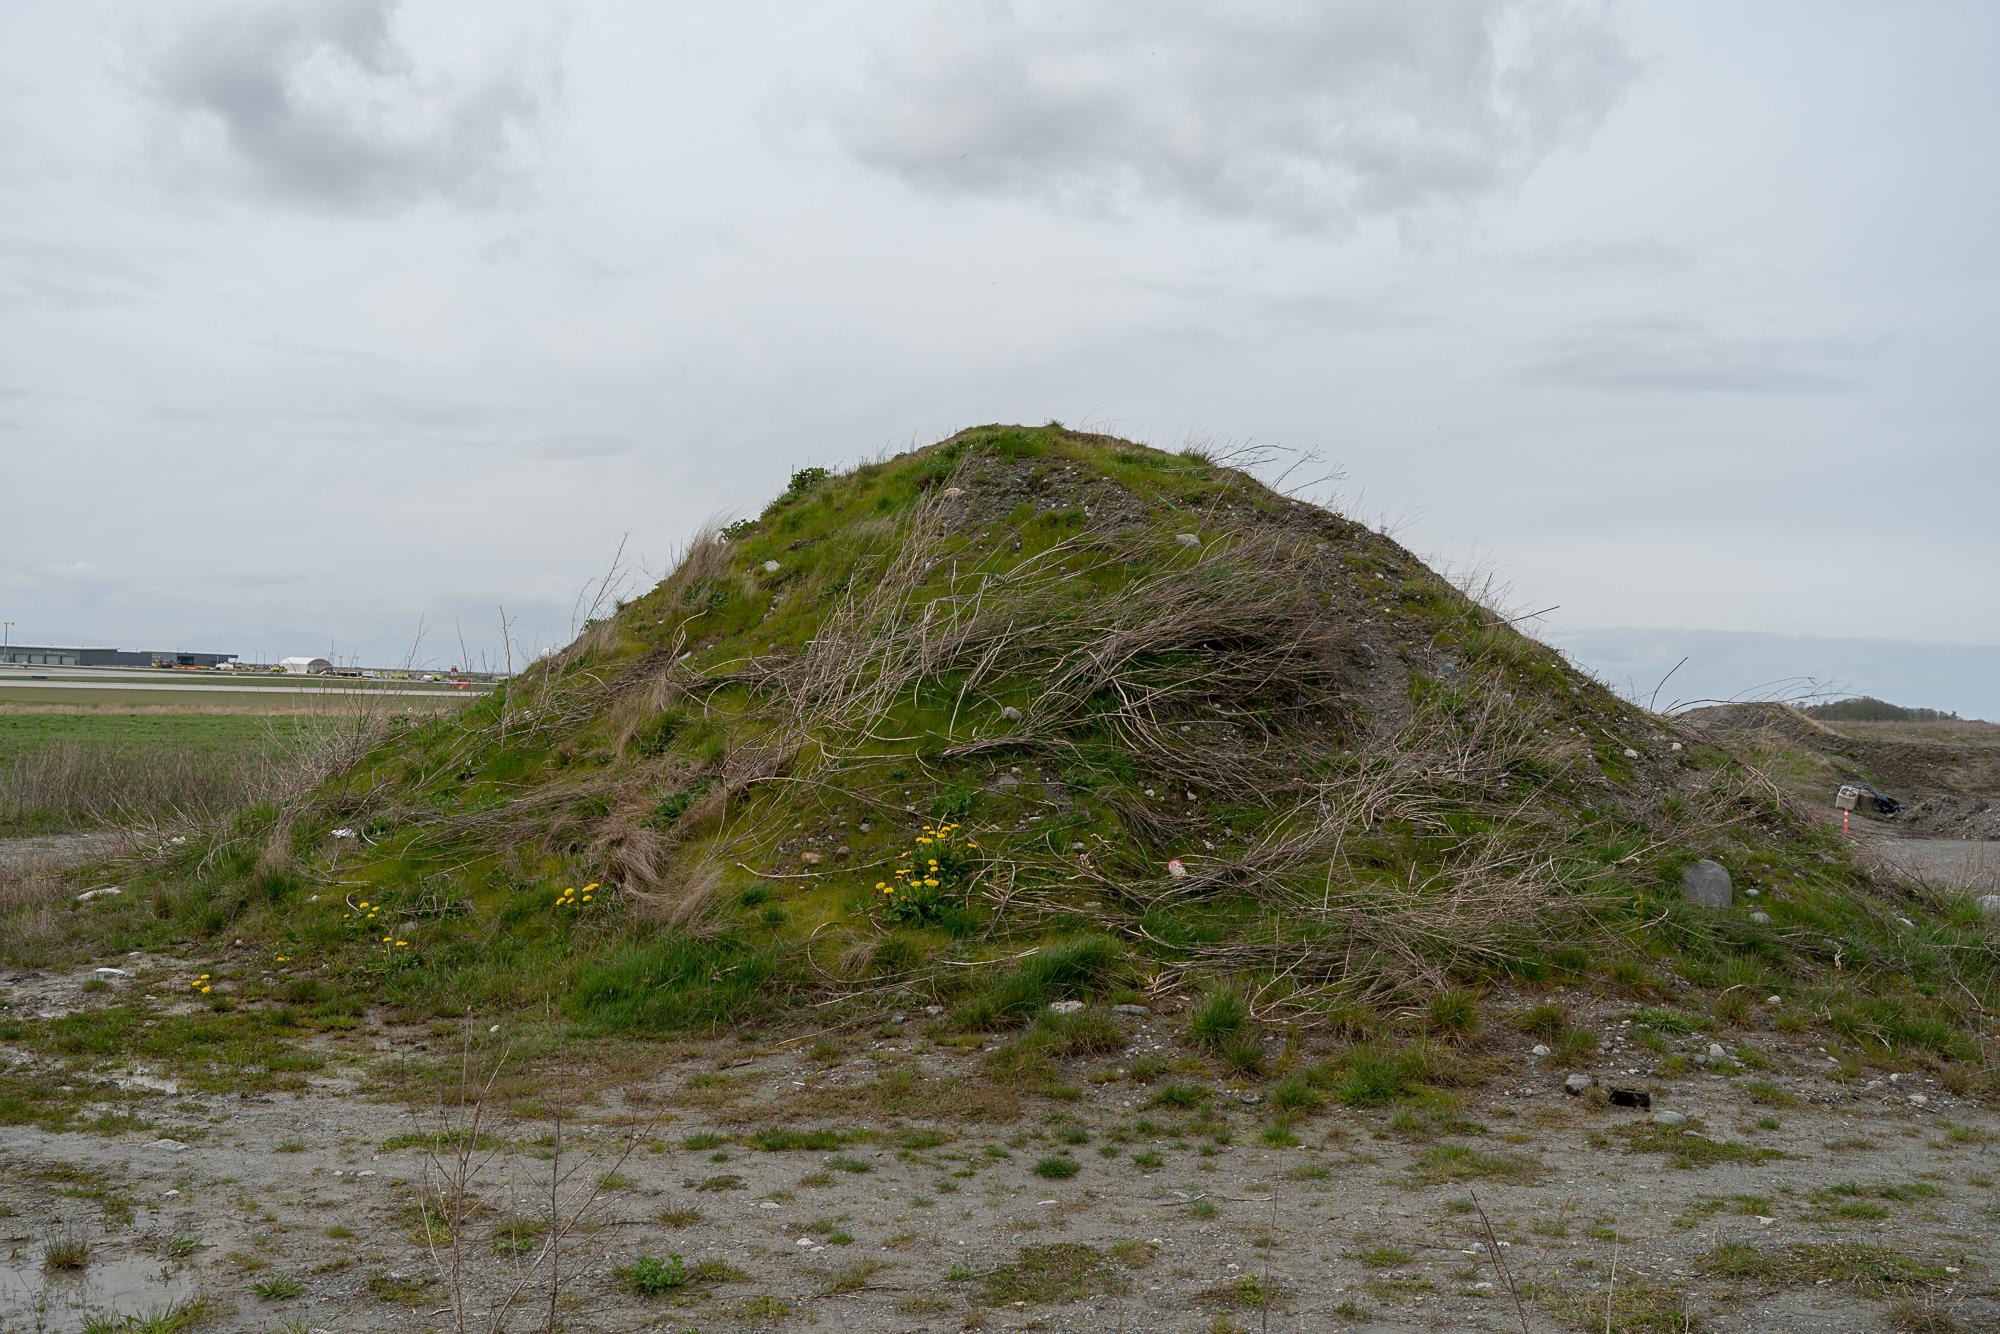 Jim-Roche-photo-Island-0050.jpg